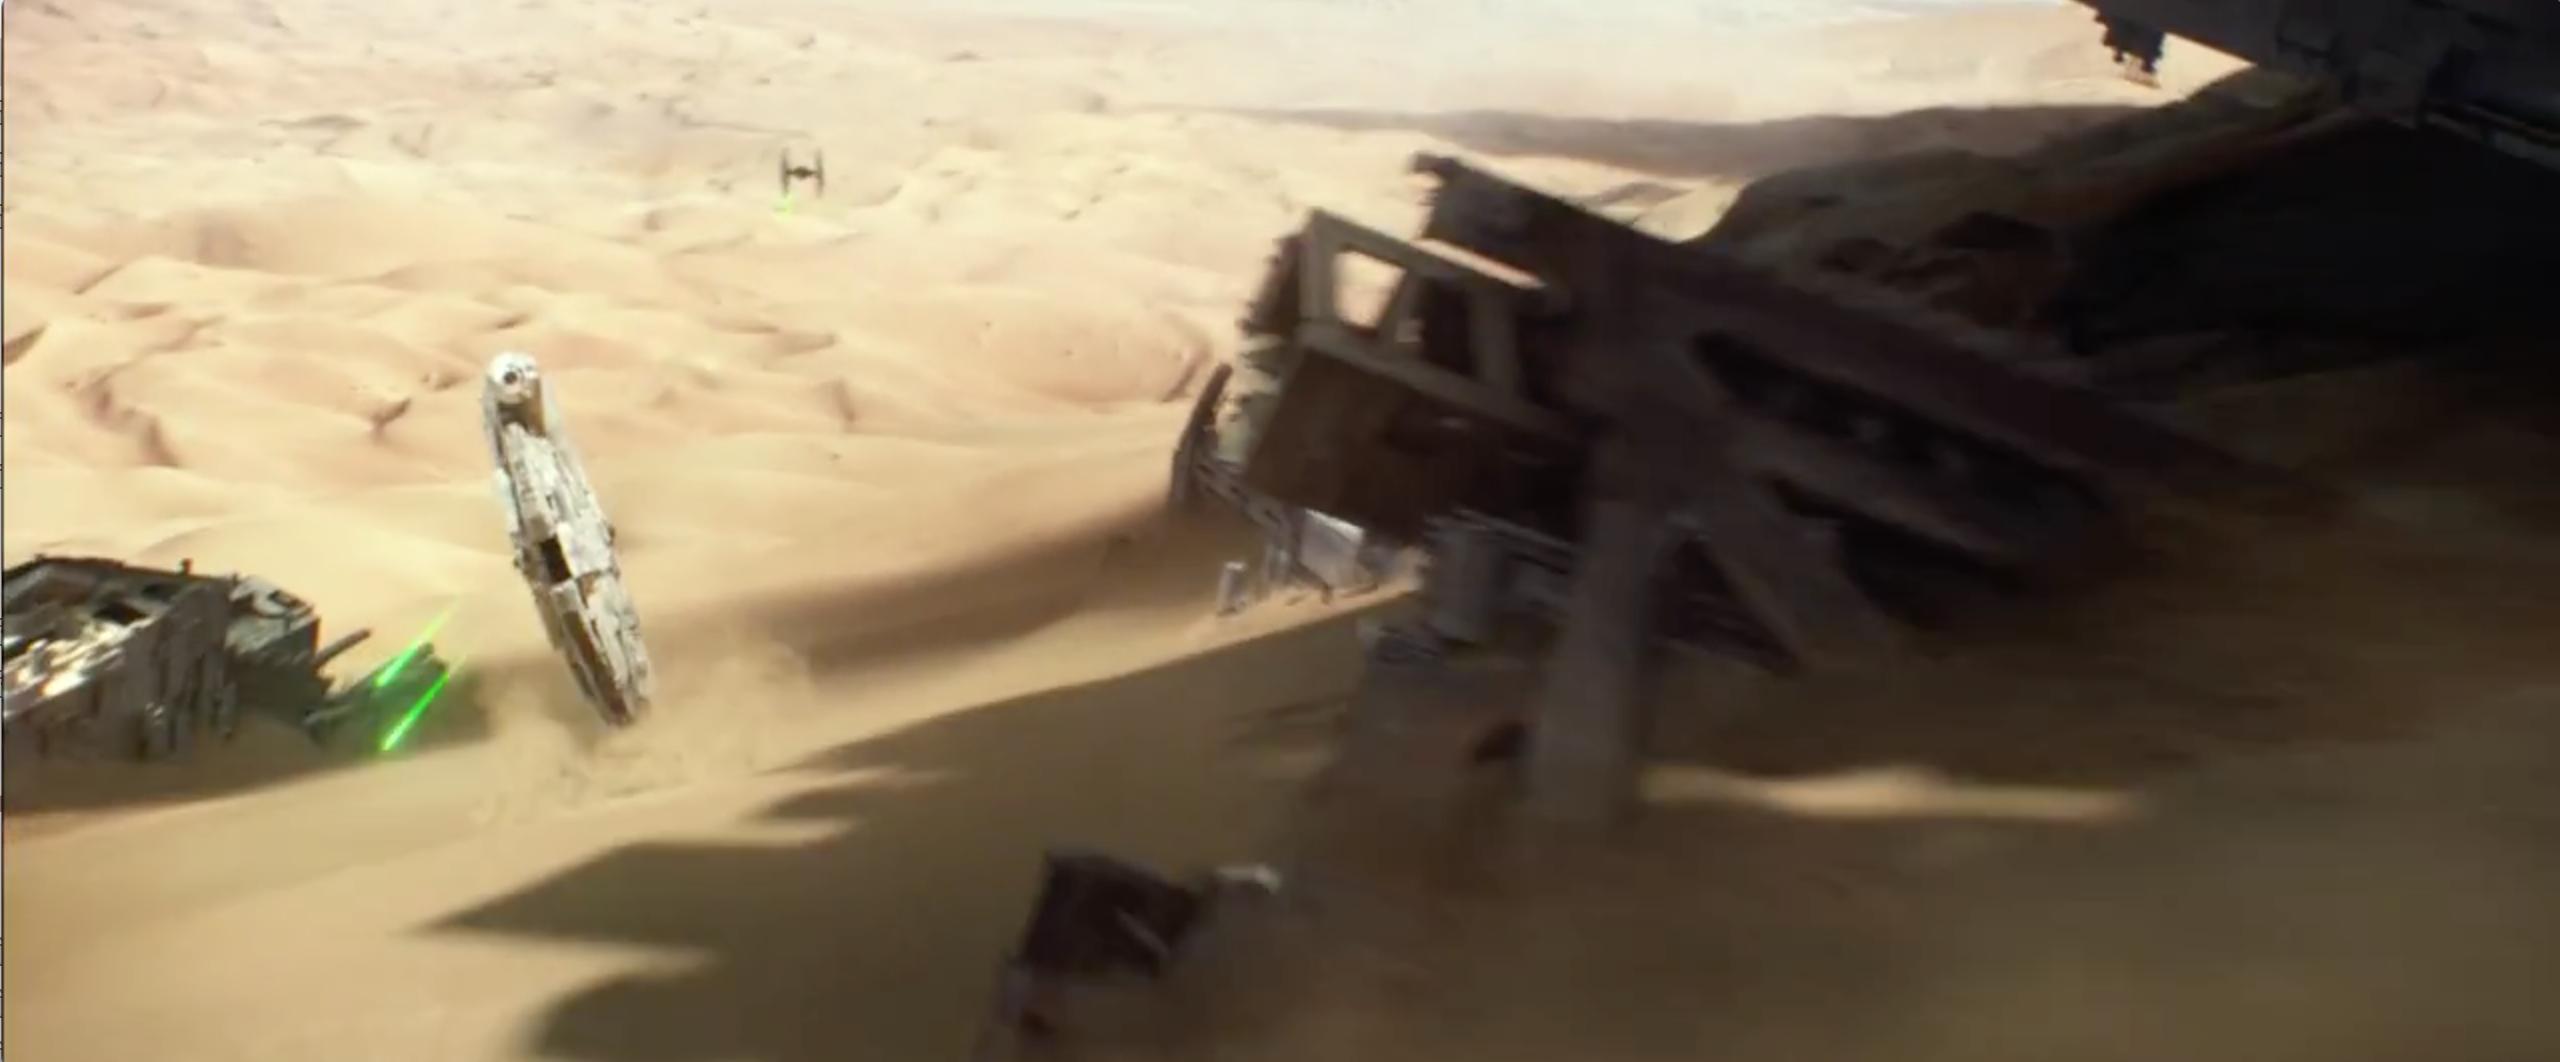 Star Wars: Episodio VII - Il risveglio della Forza: il Millennium Falcon in azione nel secondo teaser